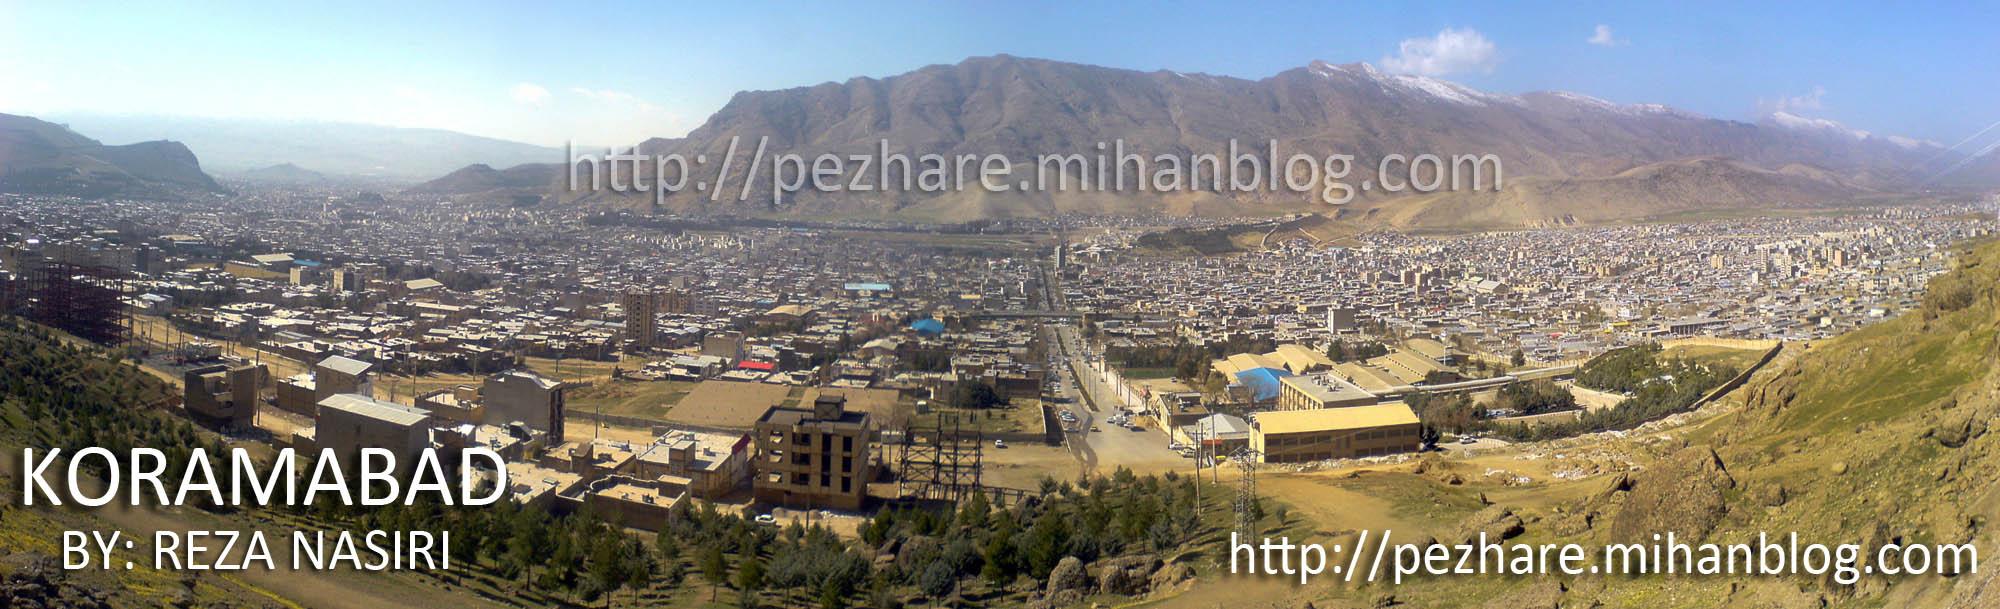 شمال شهر خرم آباد